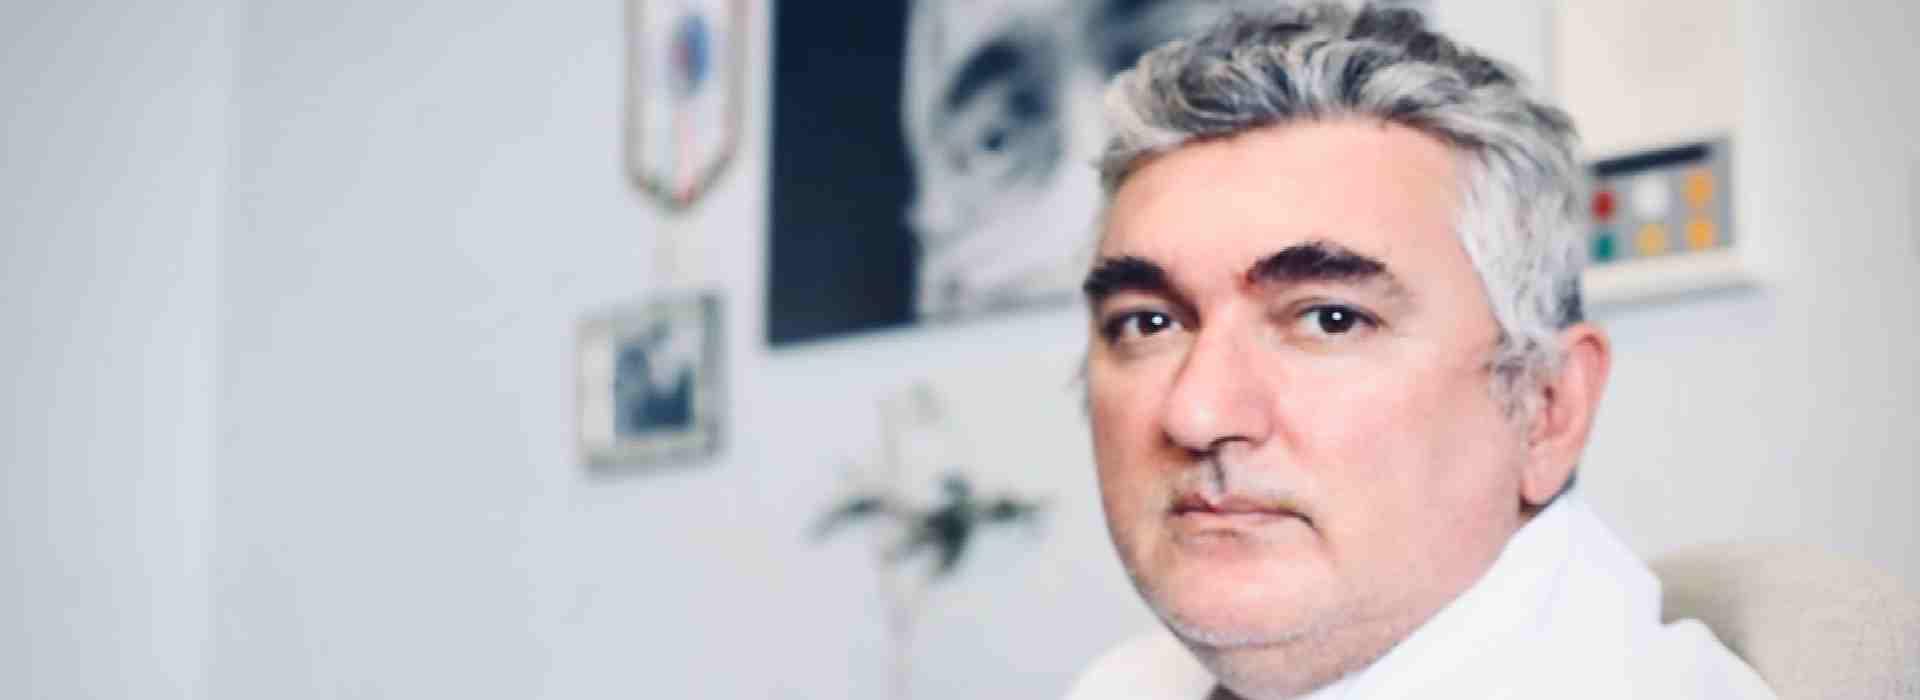 Giuseppe De Donno, il medico fragile e gentile